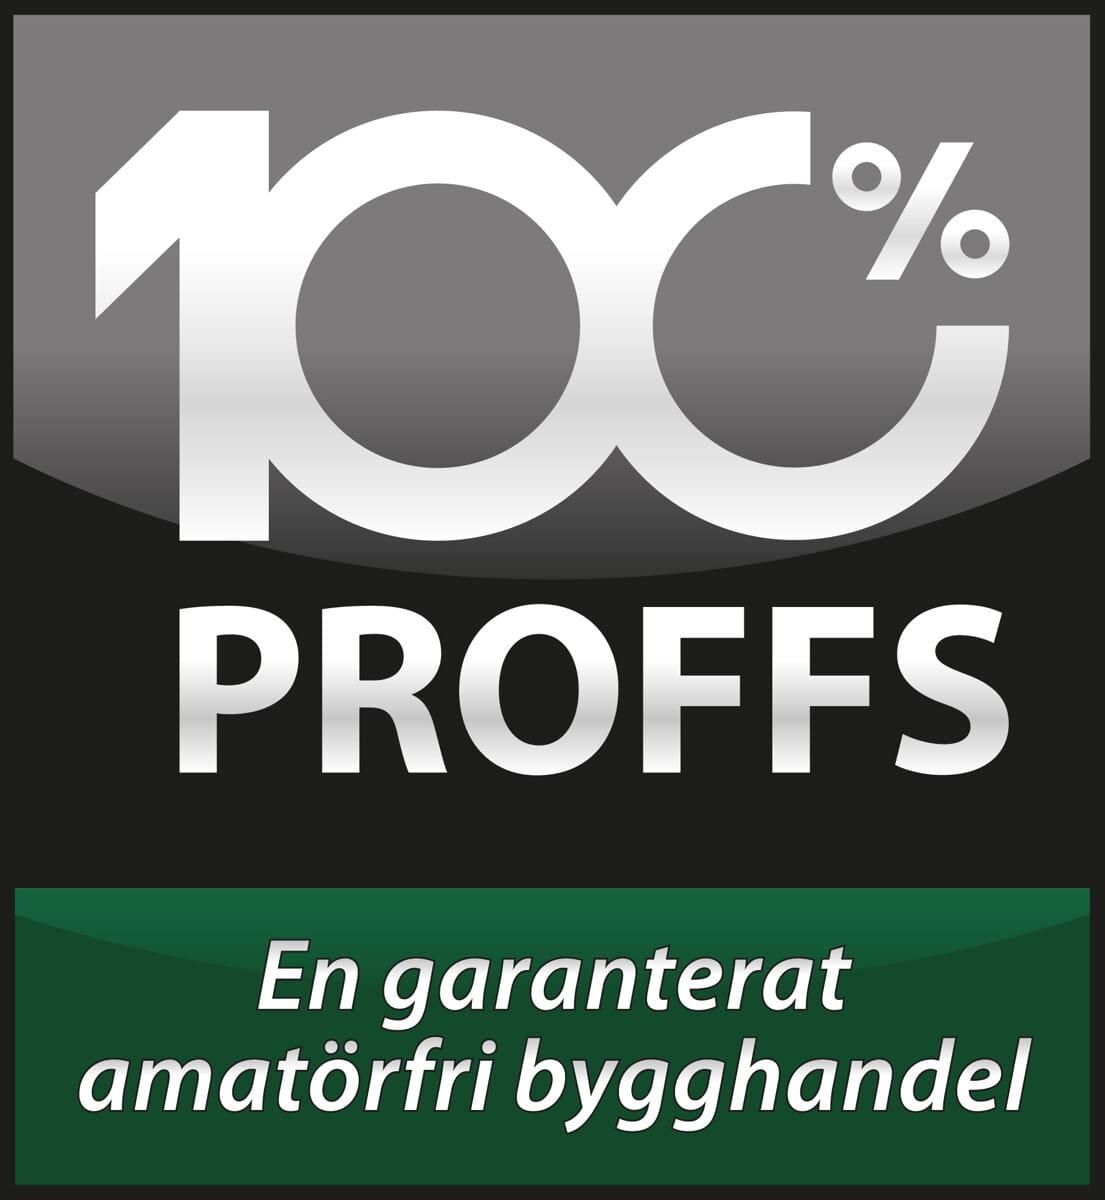 Proffs - Garanterat amatörfri bygghandel - Svart linje.jpg